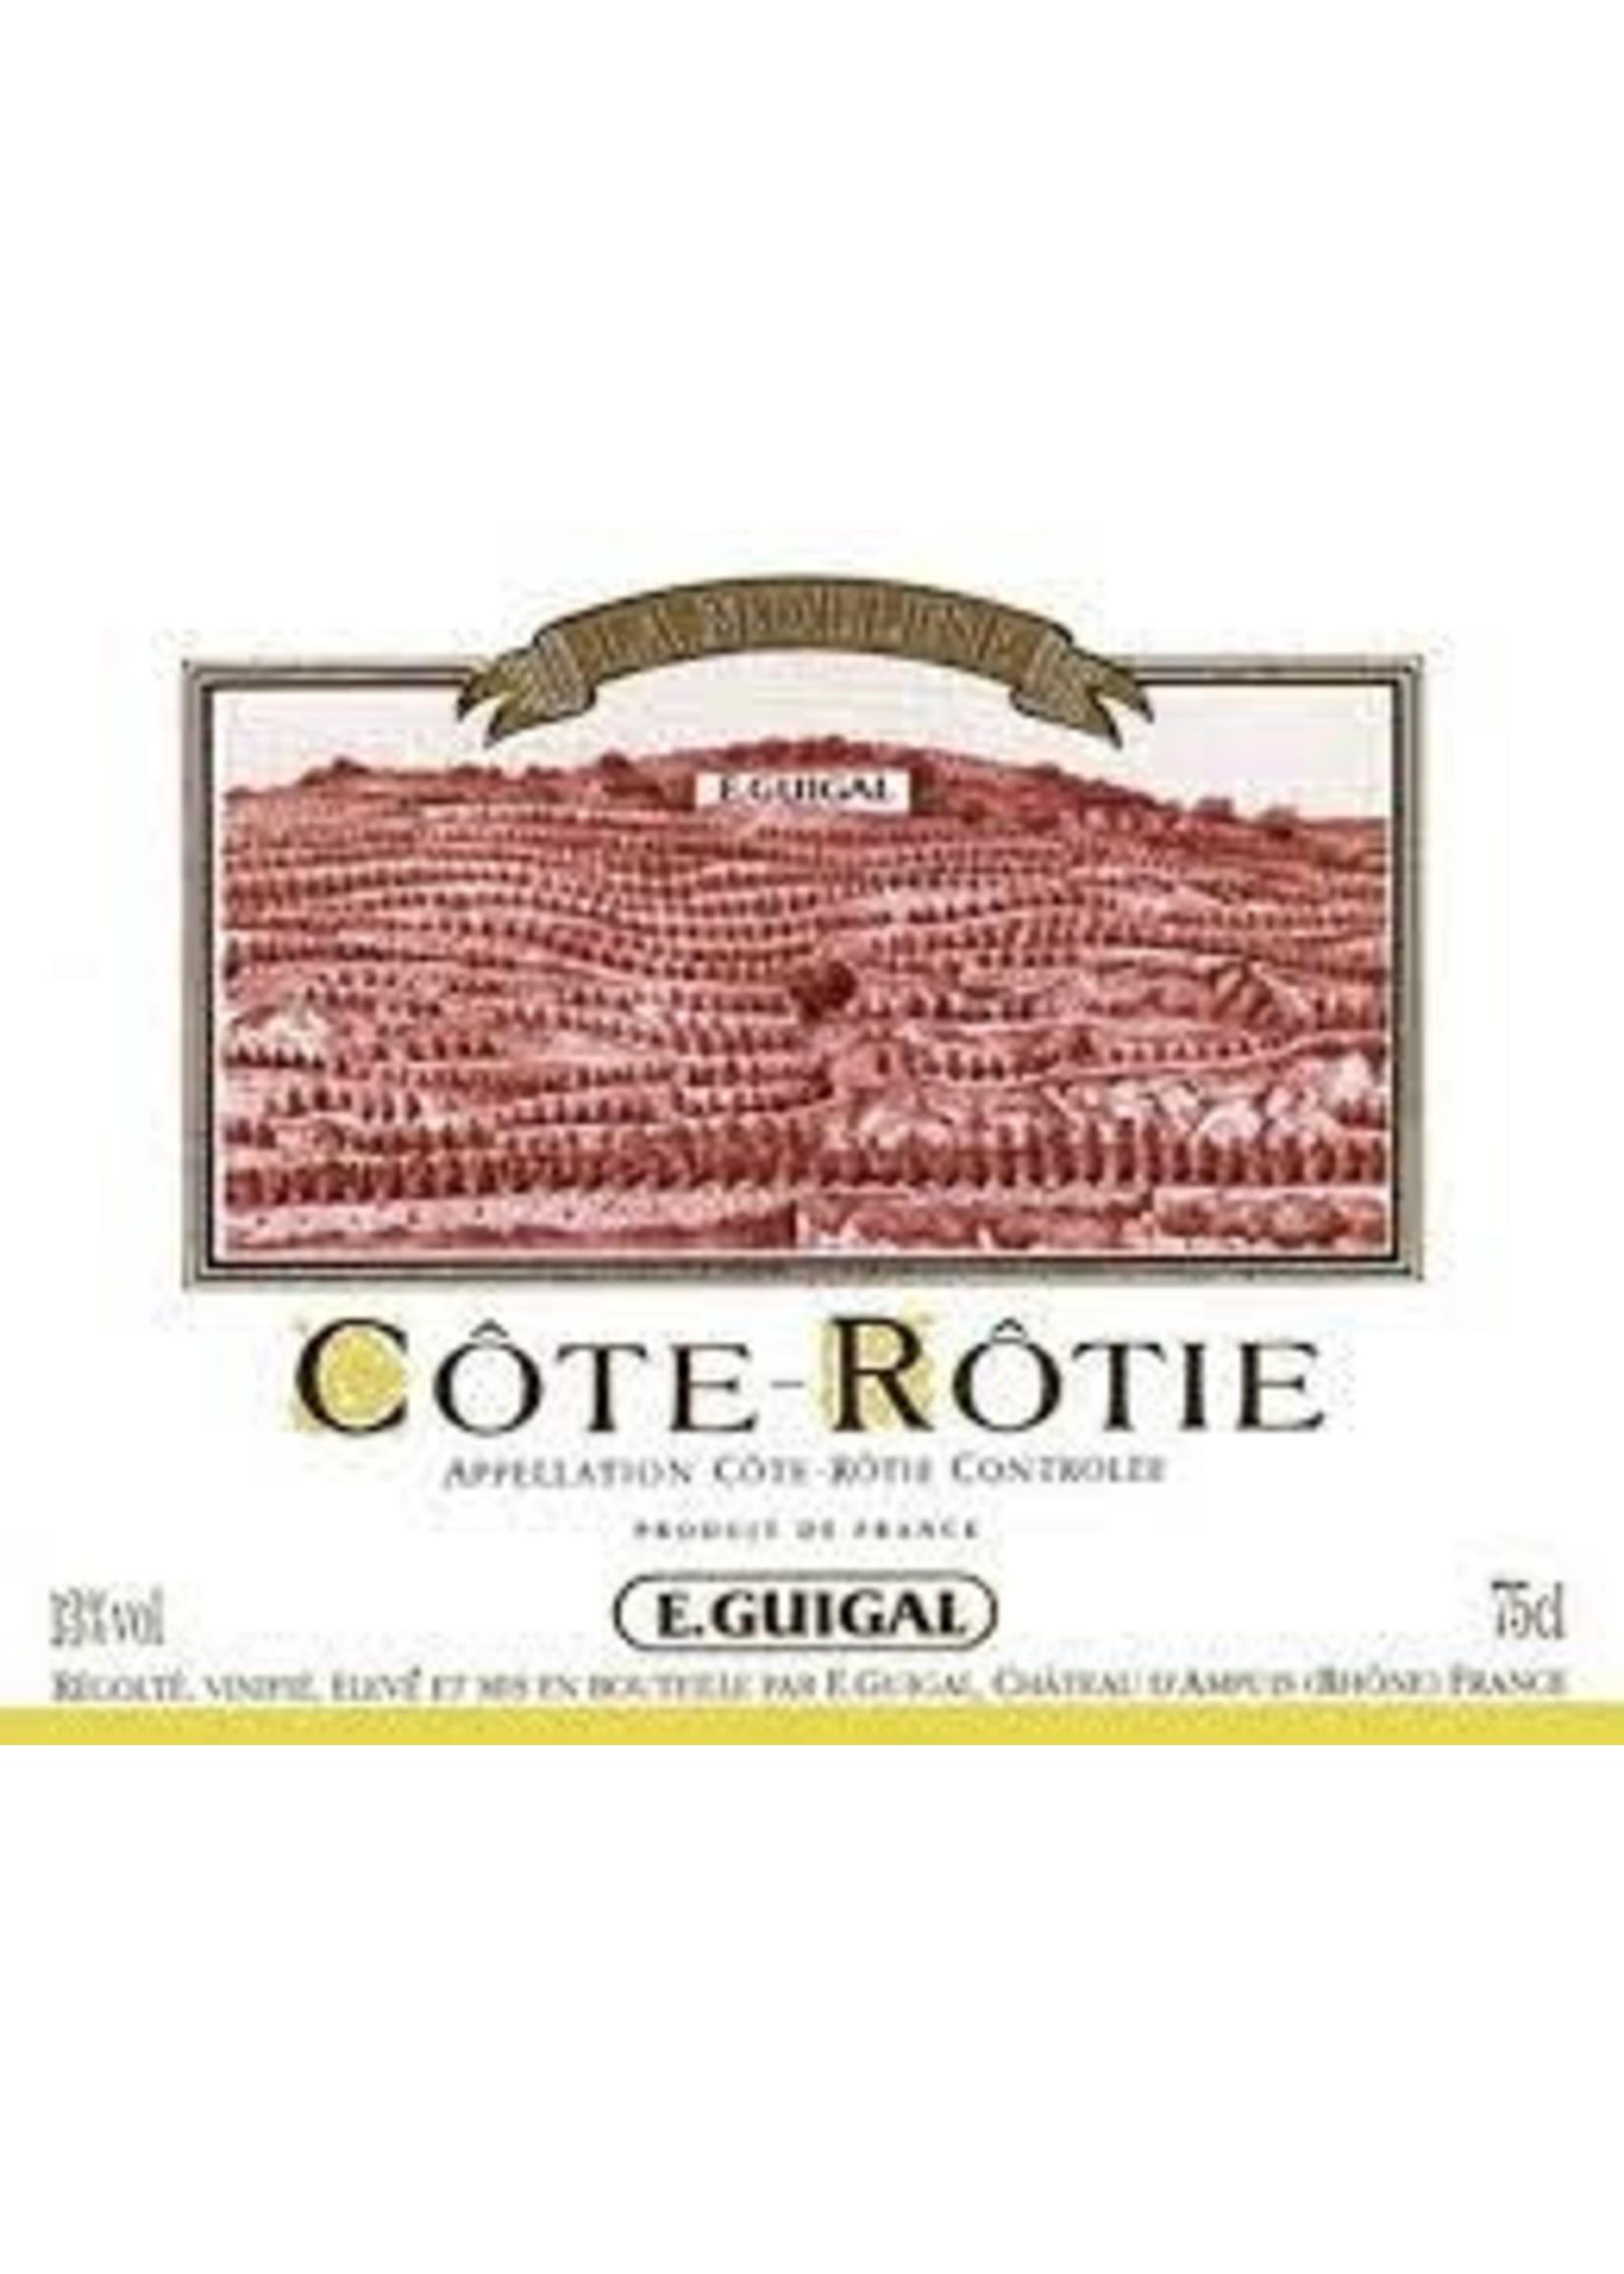 E. Guigal 2009 Cote Rotie La Mouline 750ml [PRE-ARRIVAL]